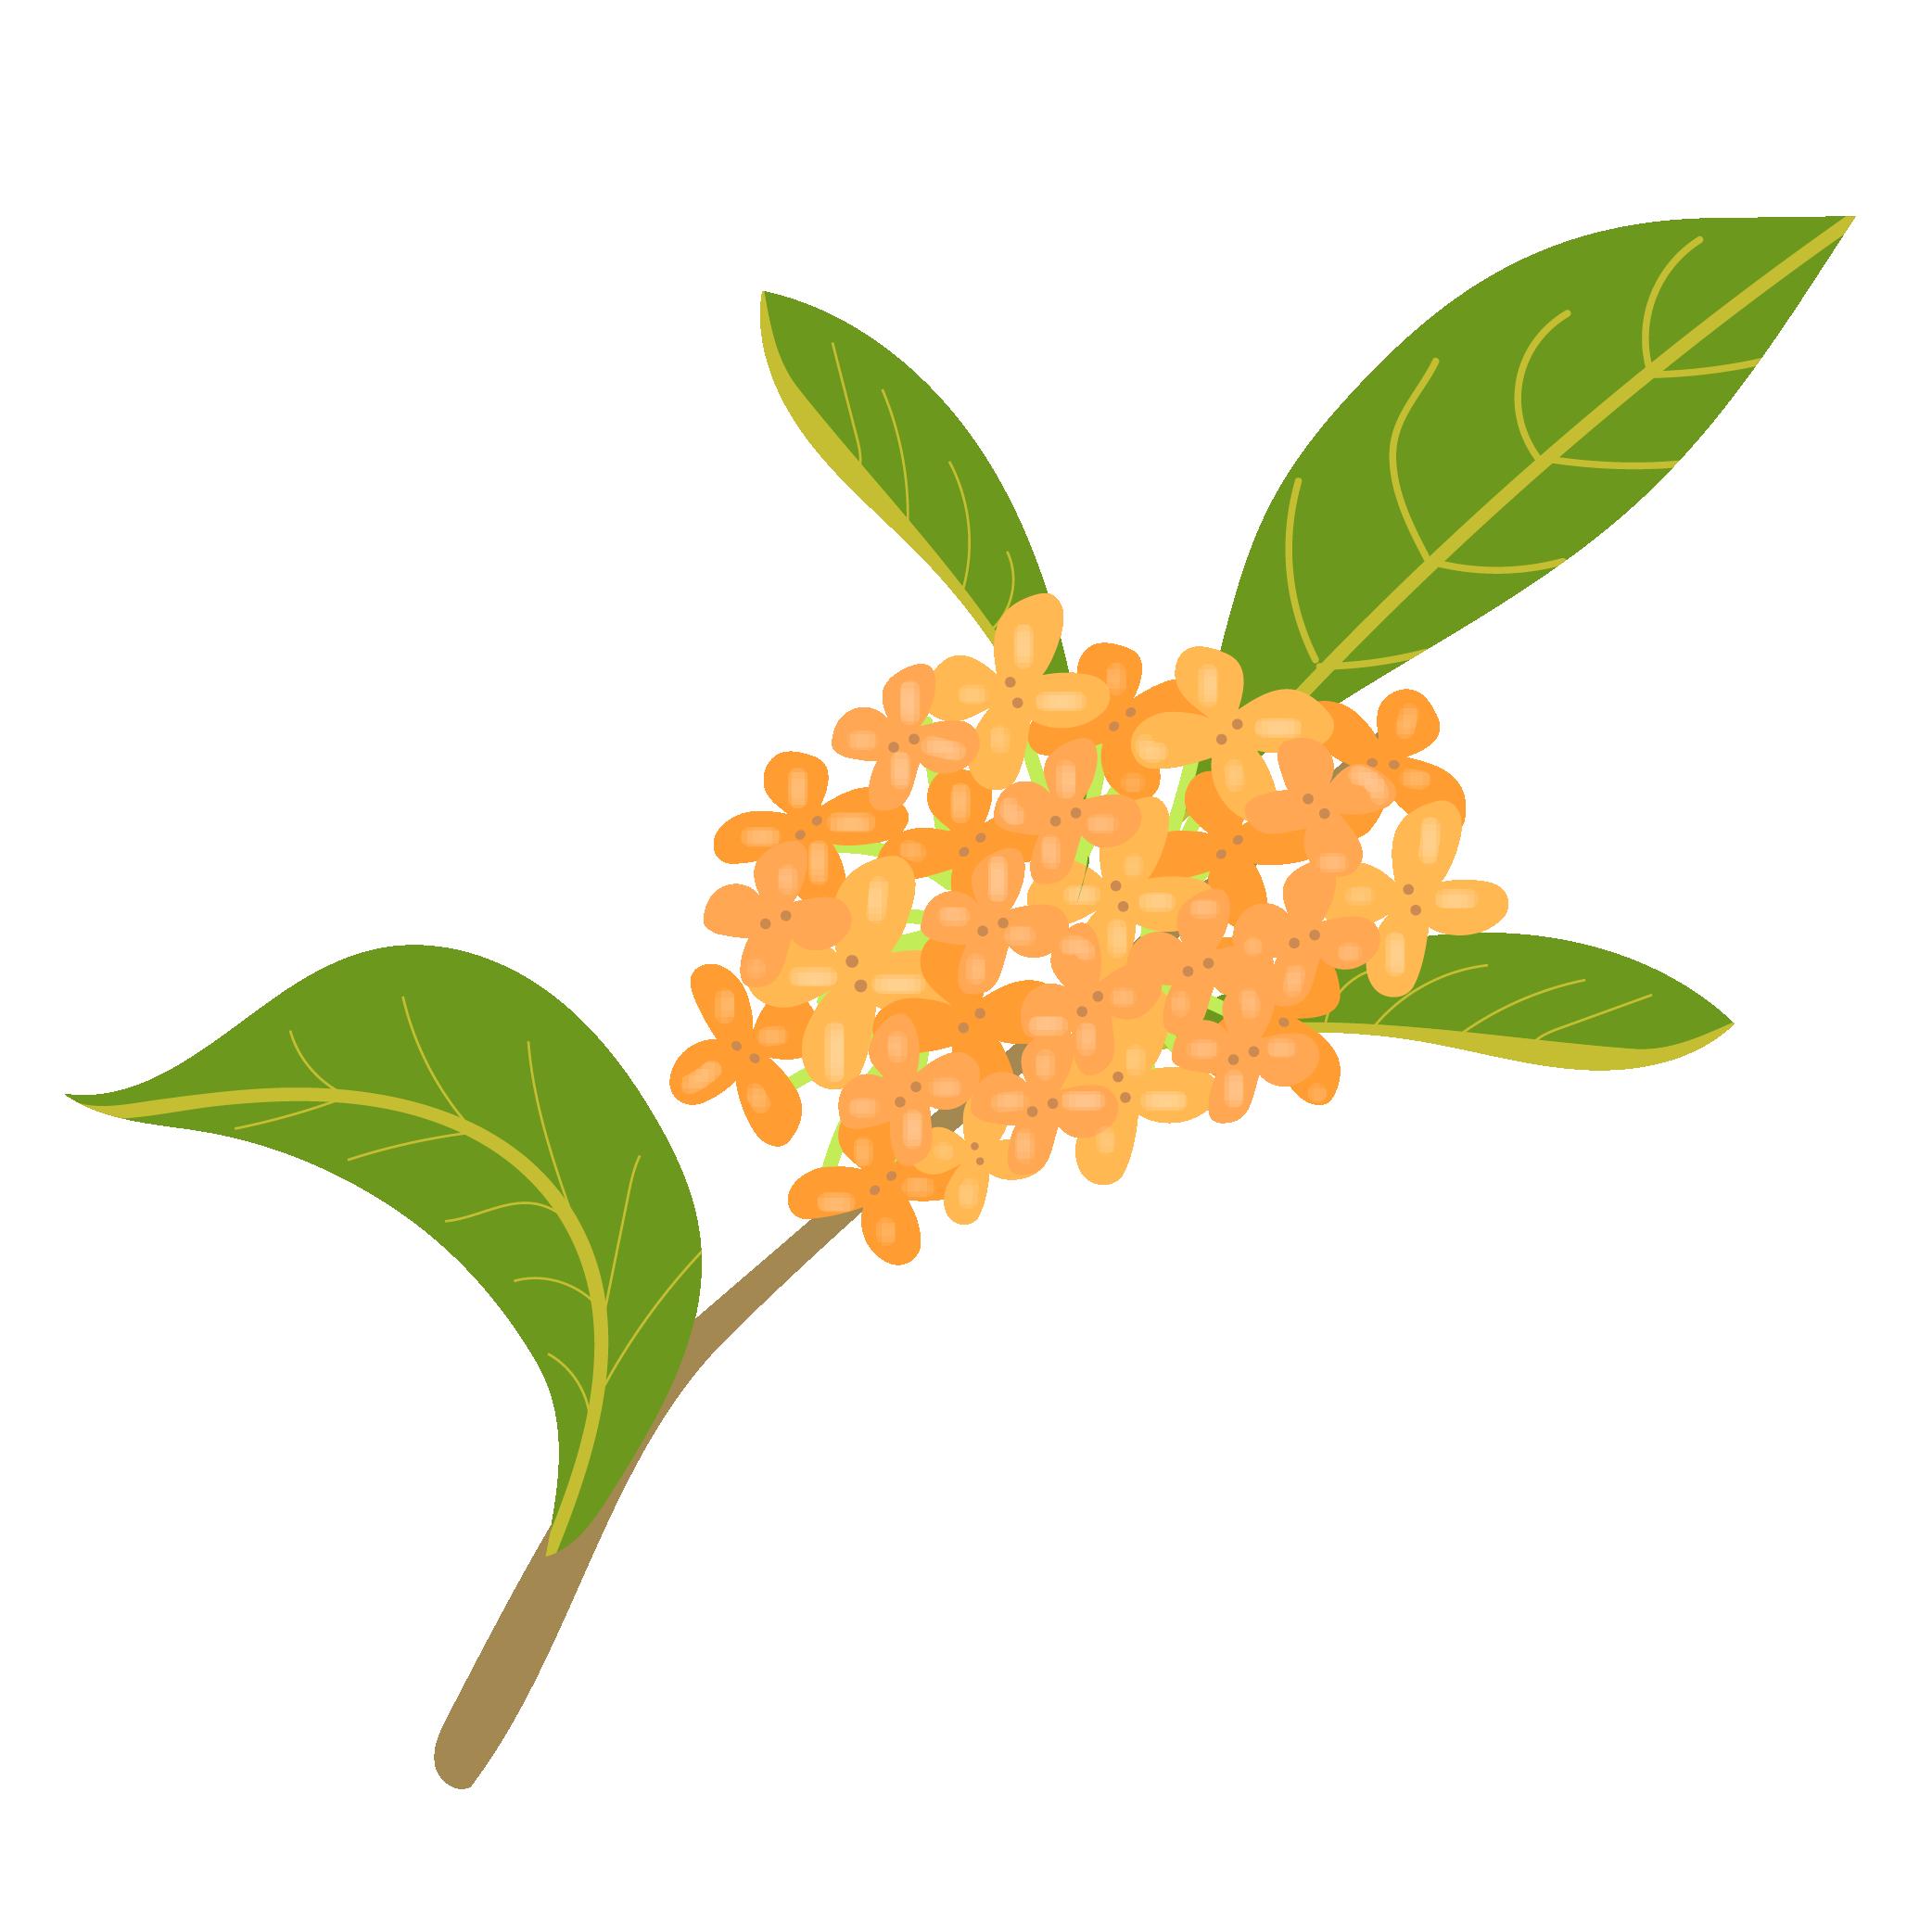 金木犀キンモクセイ英語fragrant Olive秋の花のイラスト 商用